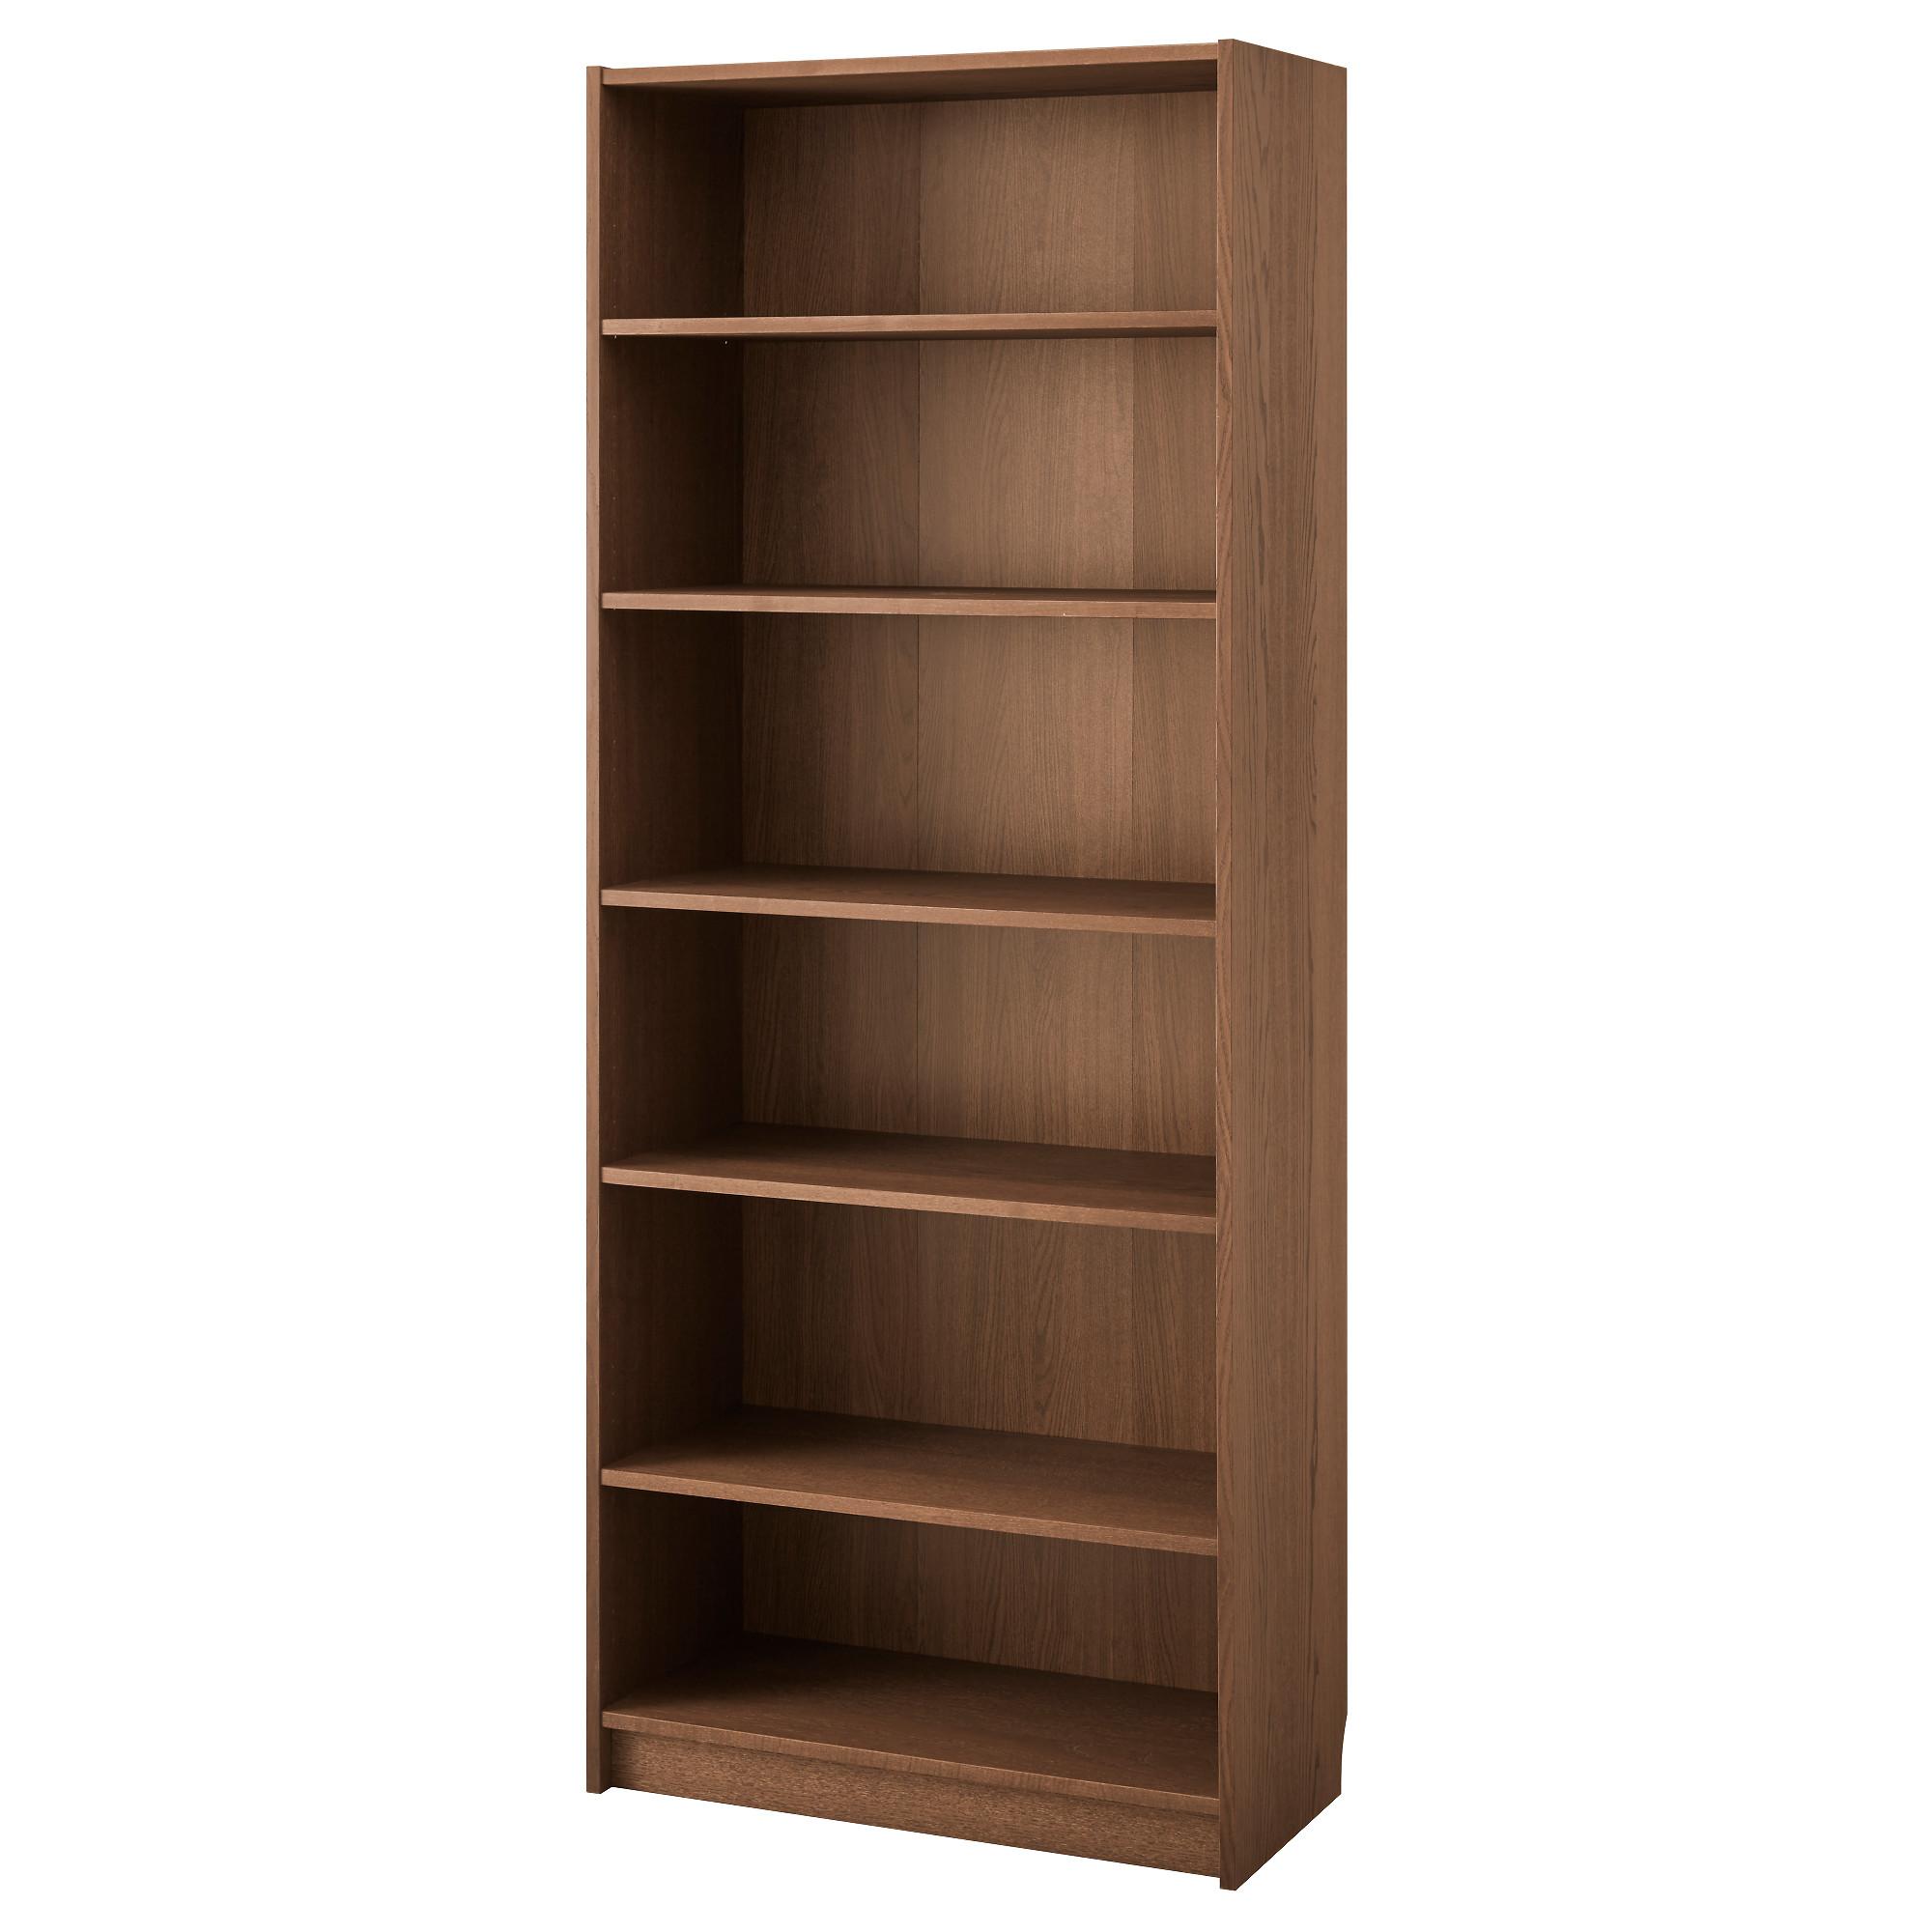 Стеллаж БИЛЛИ коричневый артикуль № 703.688.96 в наличии. Интернет магазин IKEA Минск. Недорогая доставка и установка.